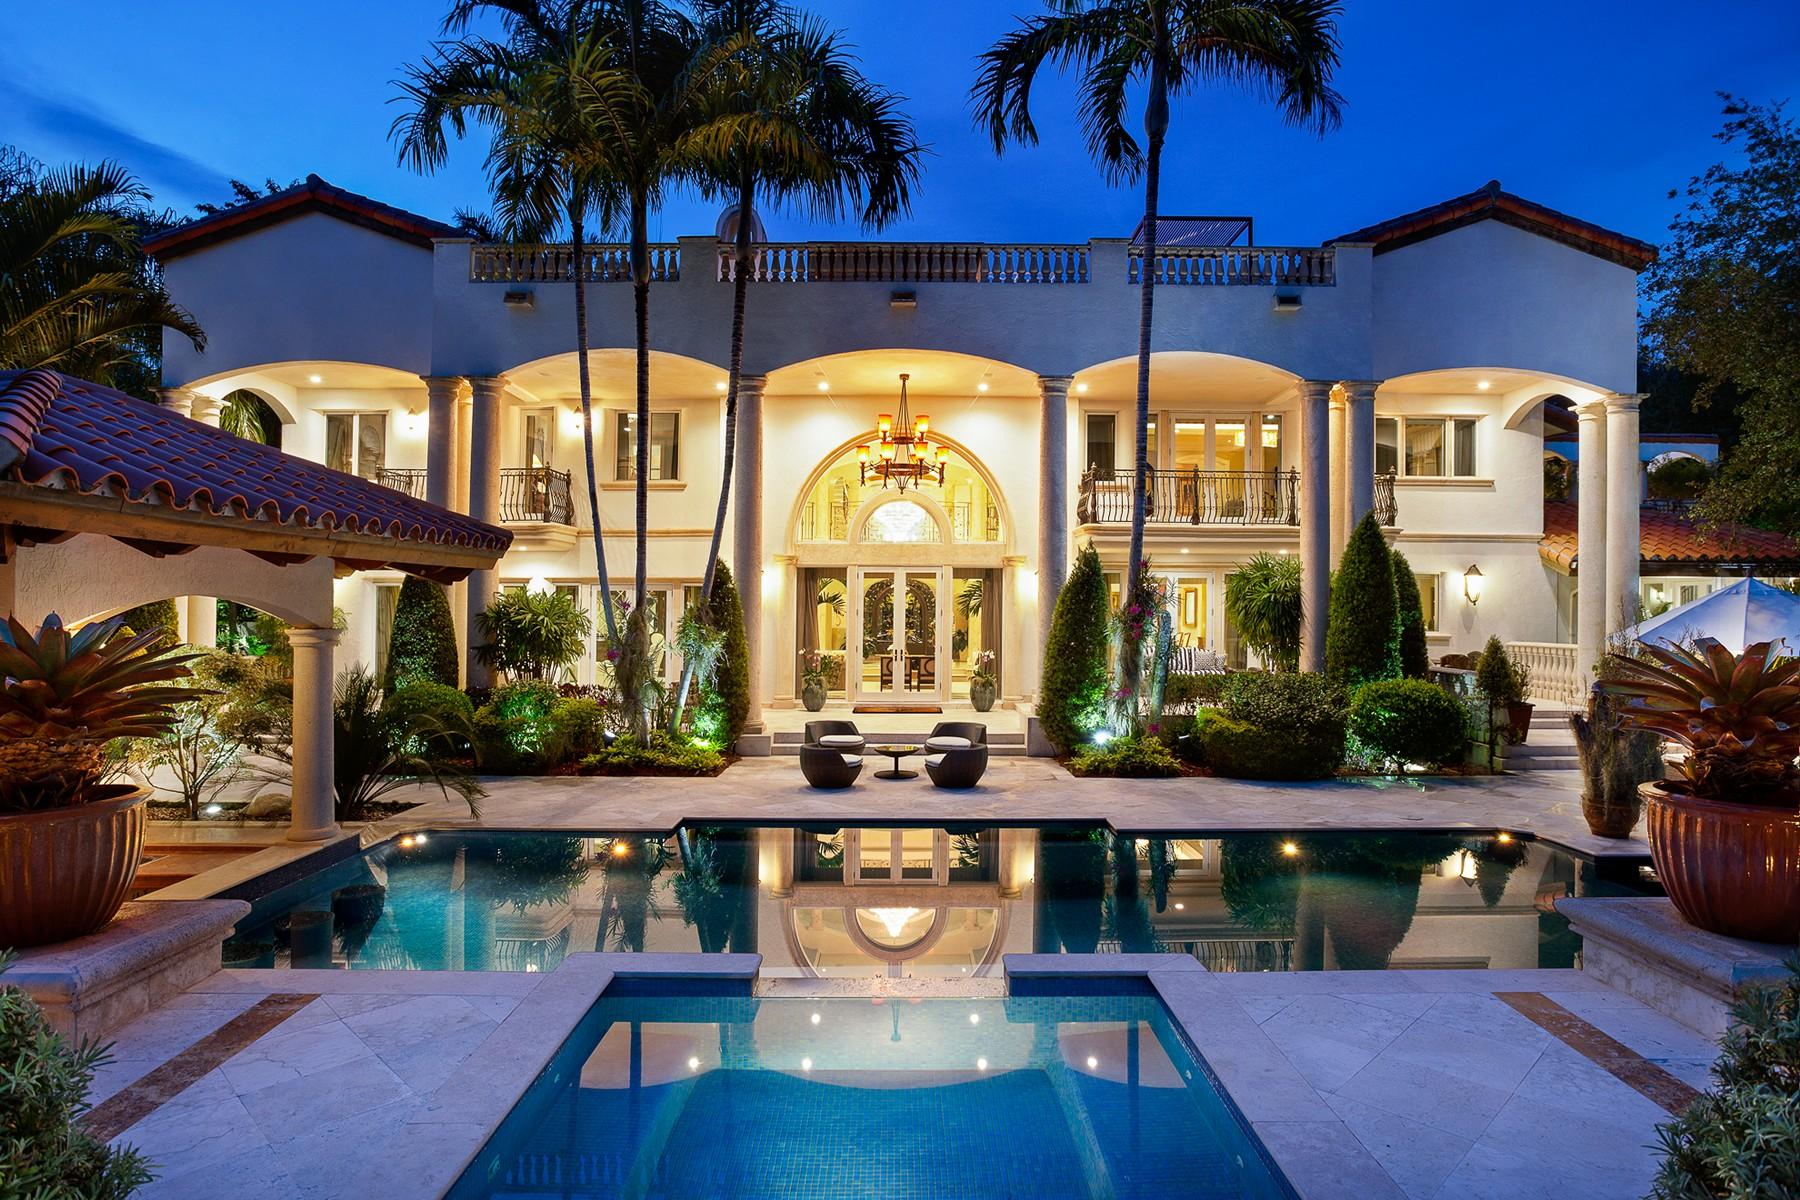 独户住宅 为 销售 在 630 Leucadendra Dr 科勒尔盖布尔斯, 佛罗里达州, 33156 美国